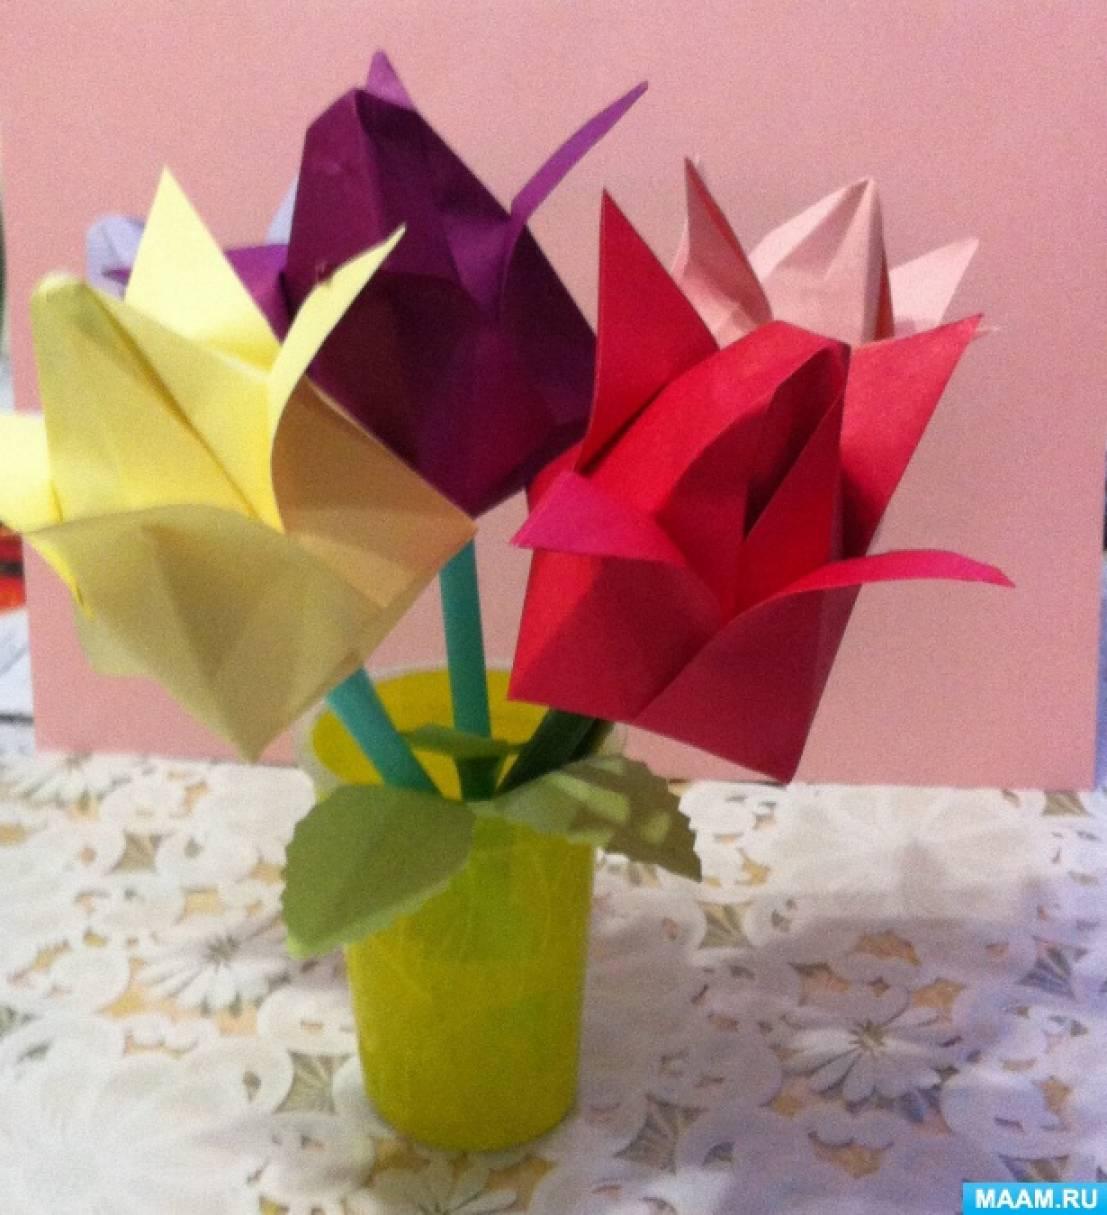 Мастер-класс по изготовлению цветов из бумаги. Тюльпаны для мамы в технике оригами